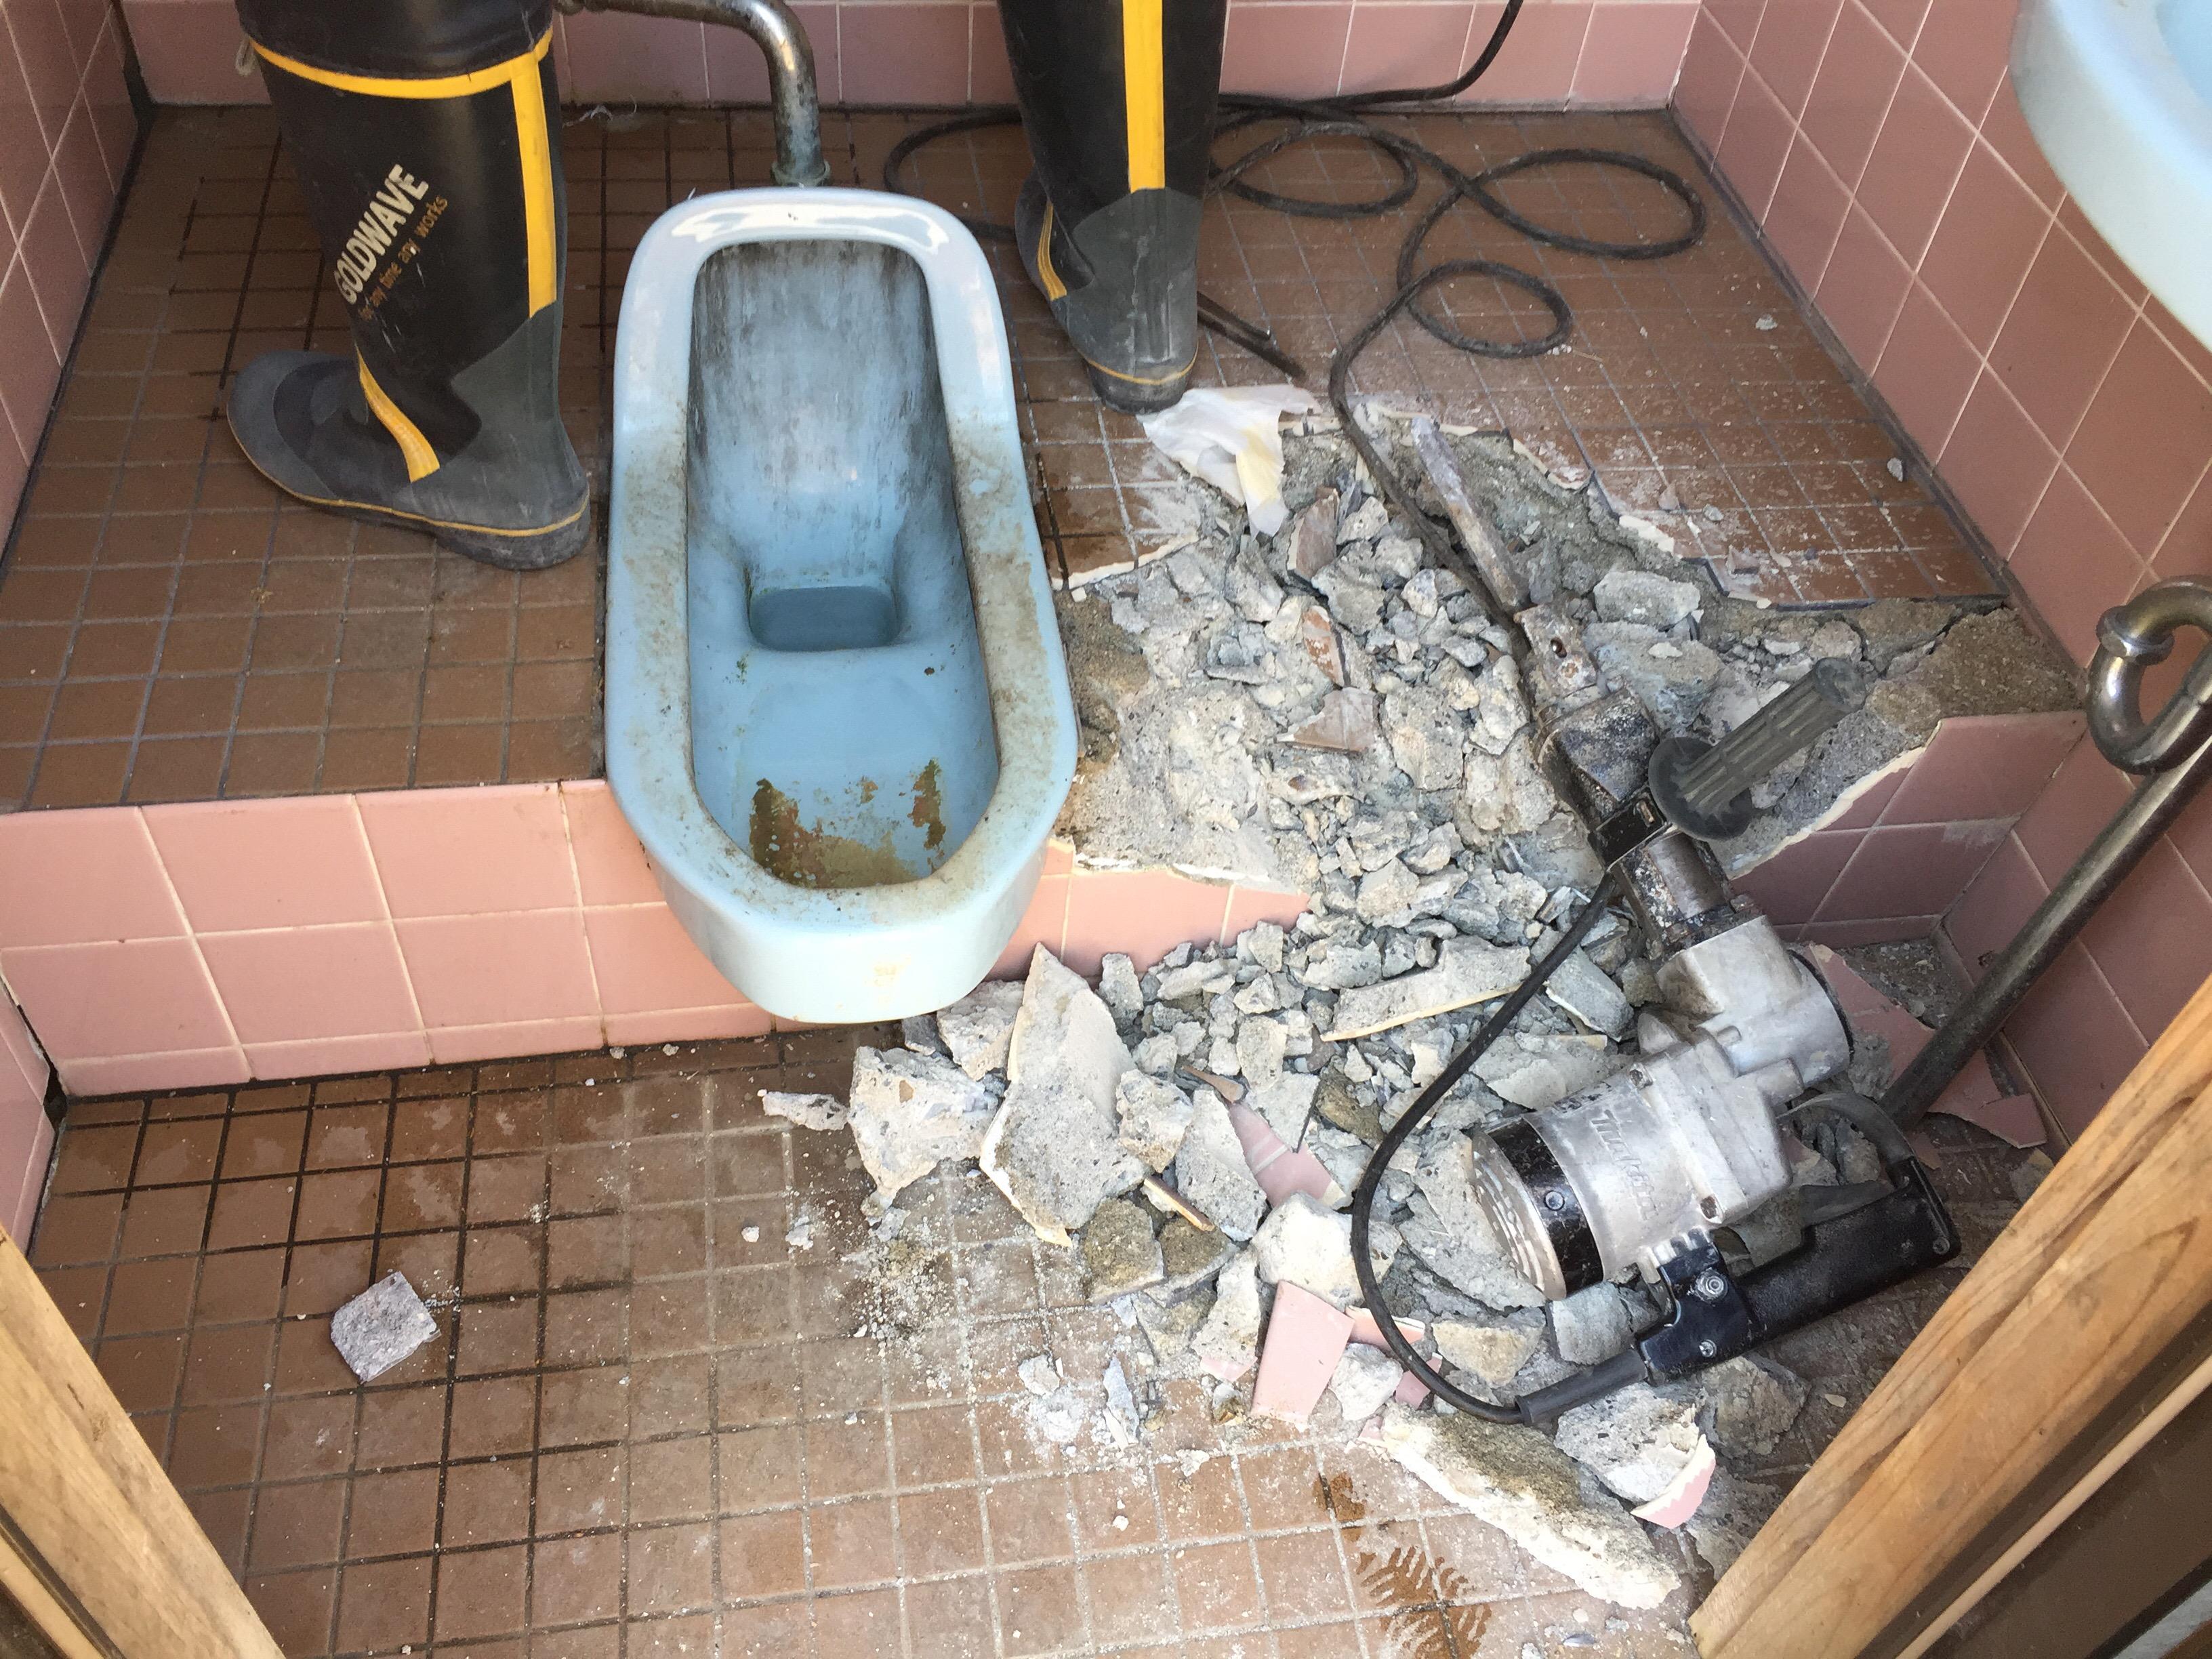 西条市 和式から洋式ウォシュレット付きトイレにリフォーム 解体中